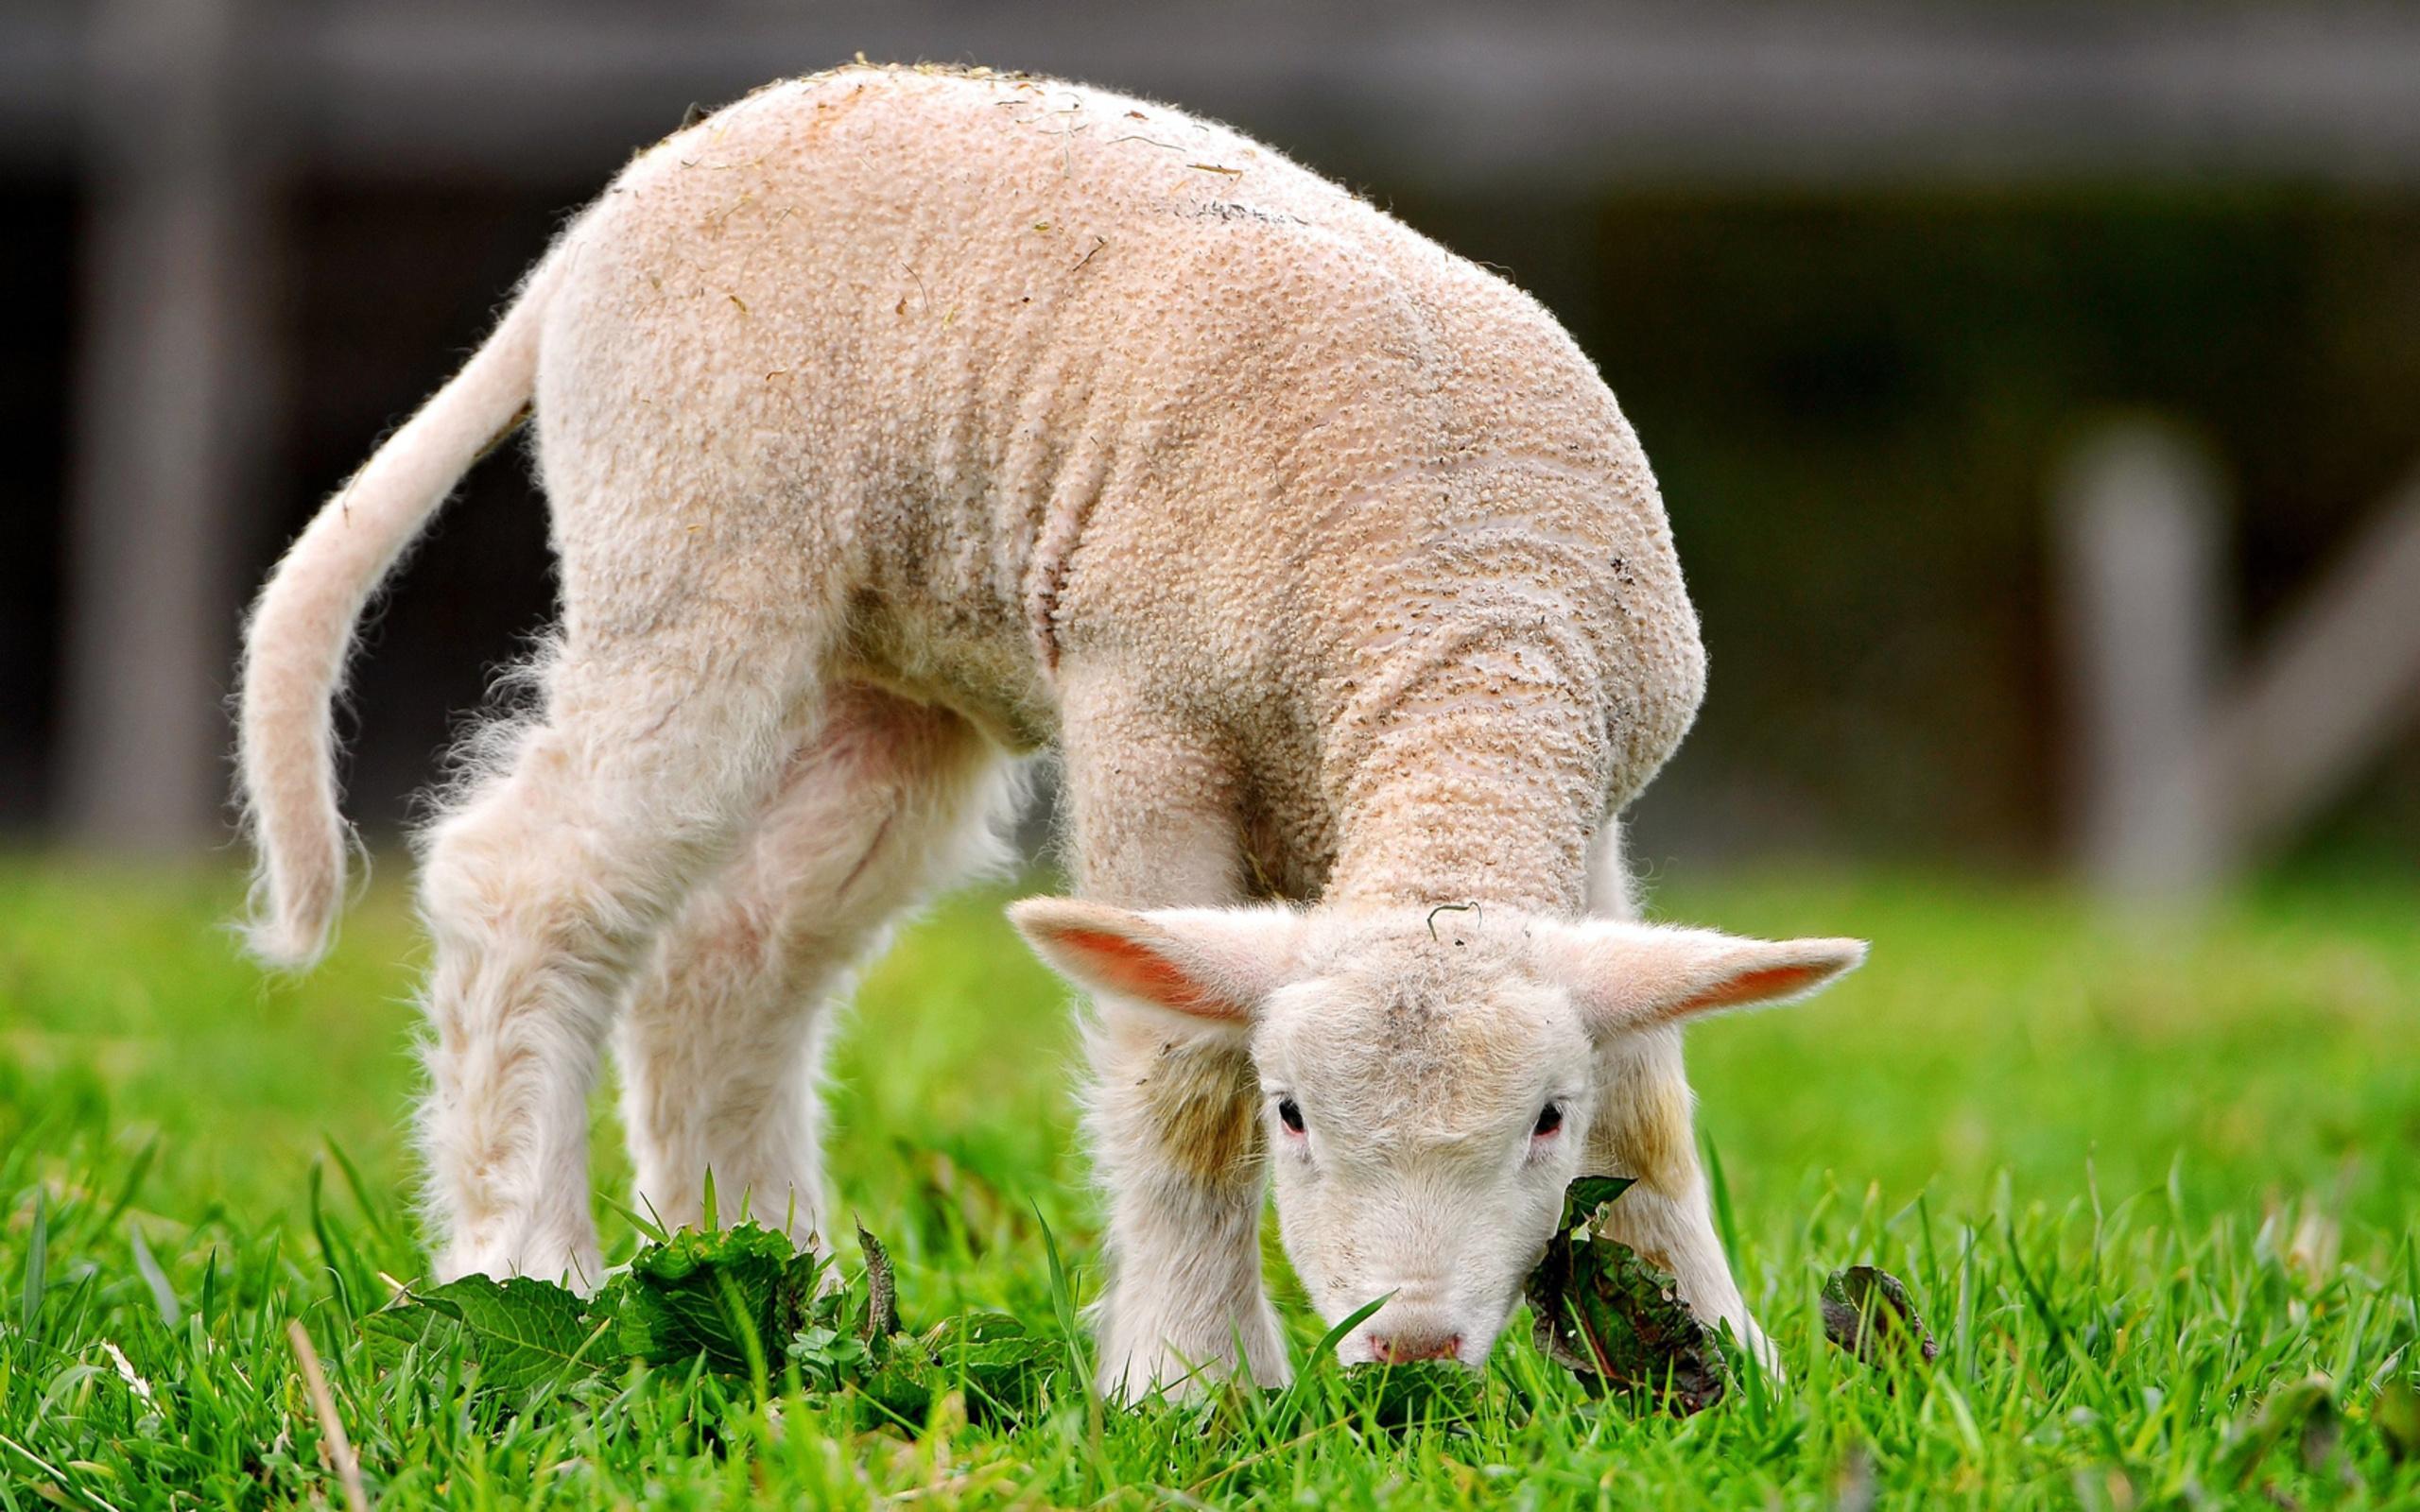 продаже загородных овца обои на рабочий стол вам вдохновения